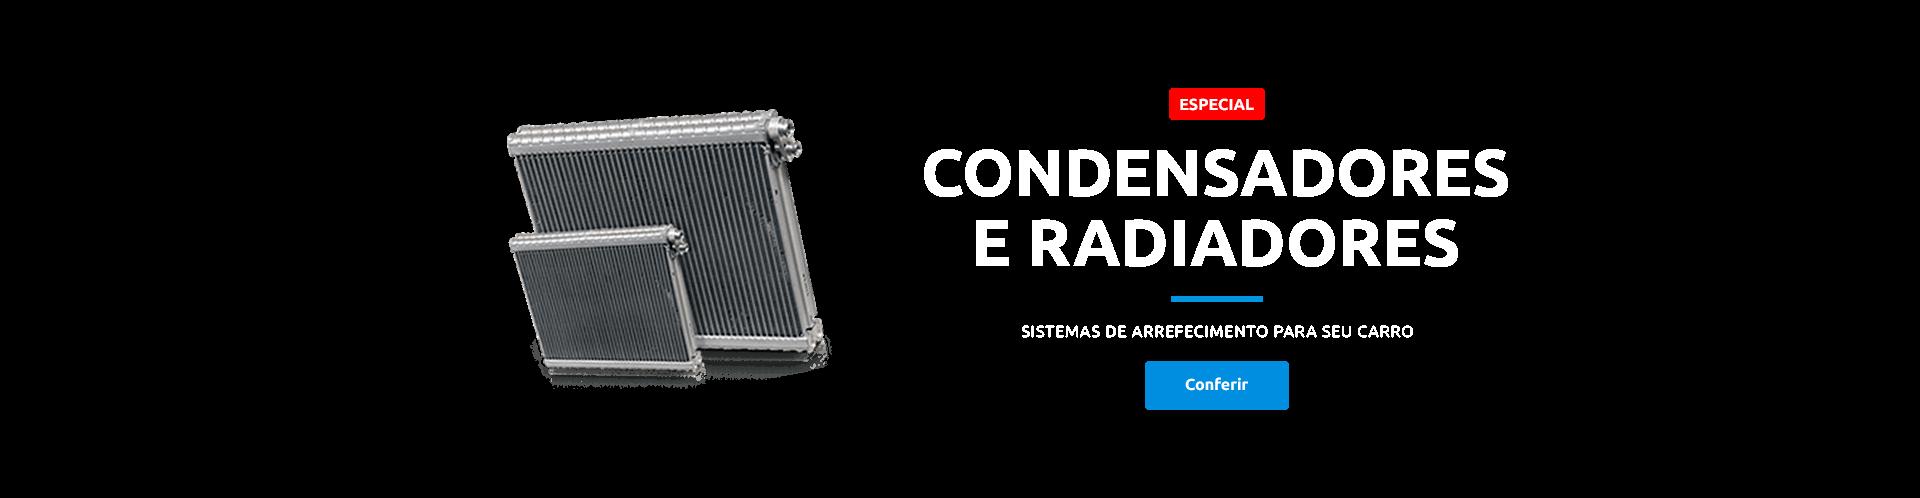 Condessadores e radiadores